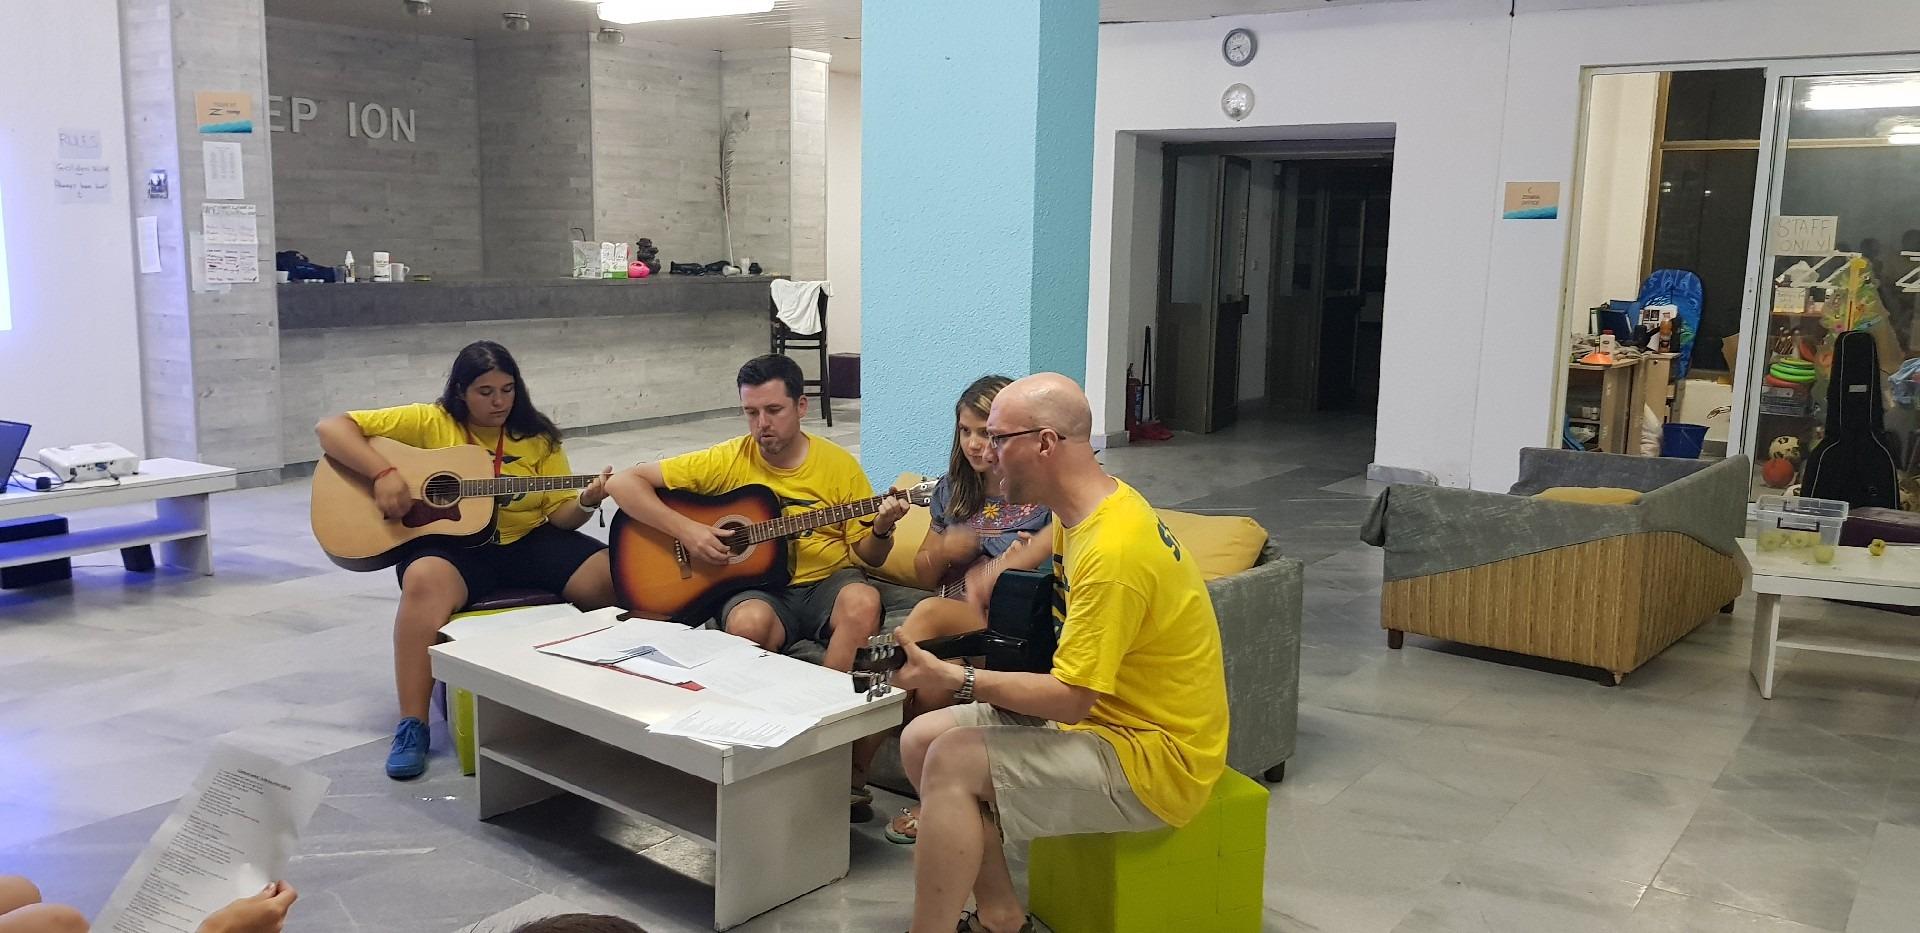 летни езикови лагери за деца Z кемп, Ден 37 - шоу на талантите - трима учители свирят на китари, едно момиче на укулеле